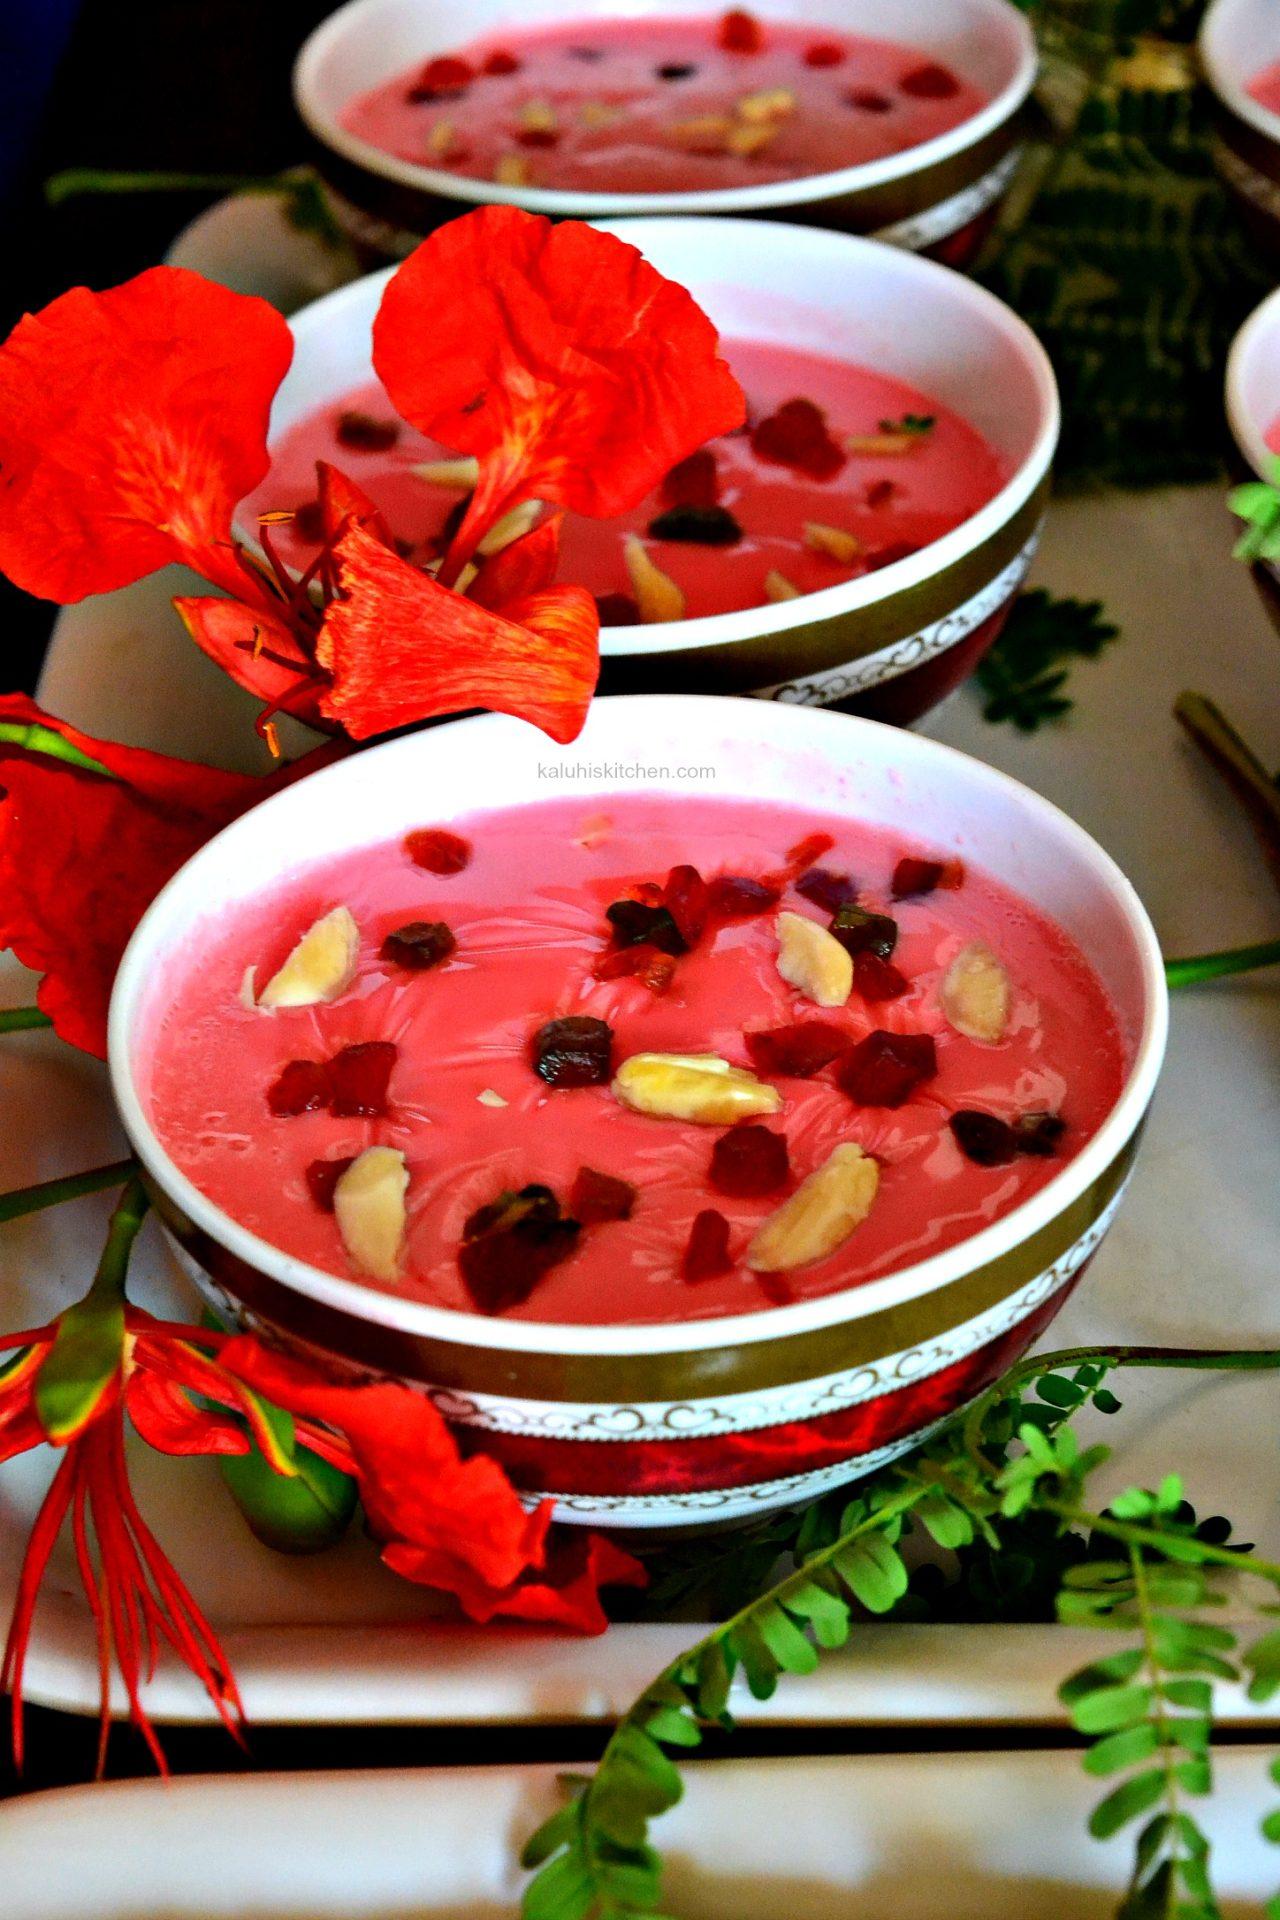 top food blogs in kenya_kenyan food_kenyan dessert_kaluhiskitchen.com_faluda_lamu food festival